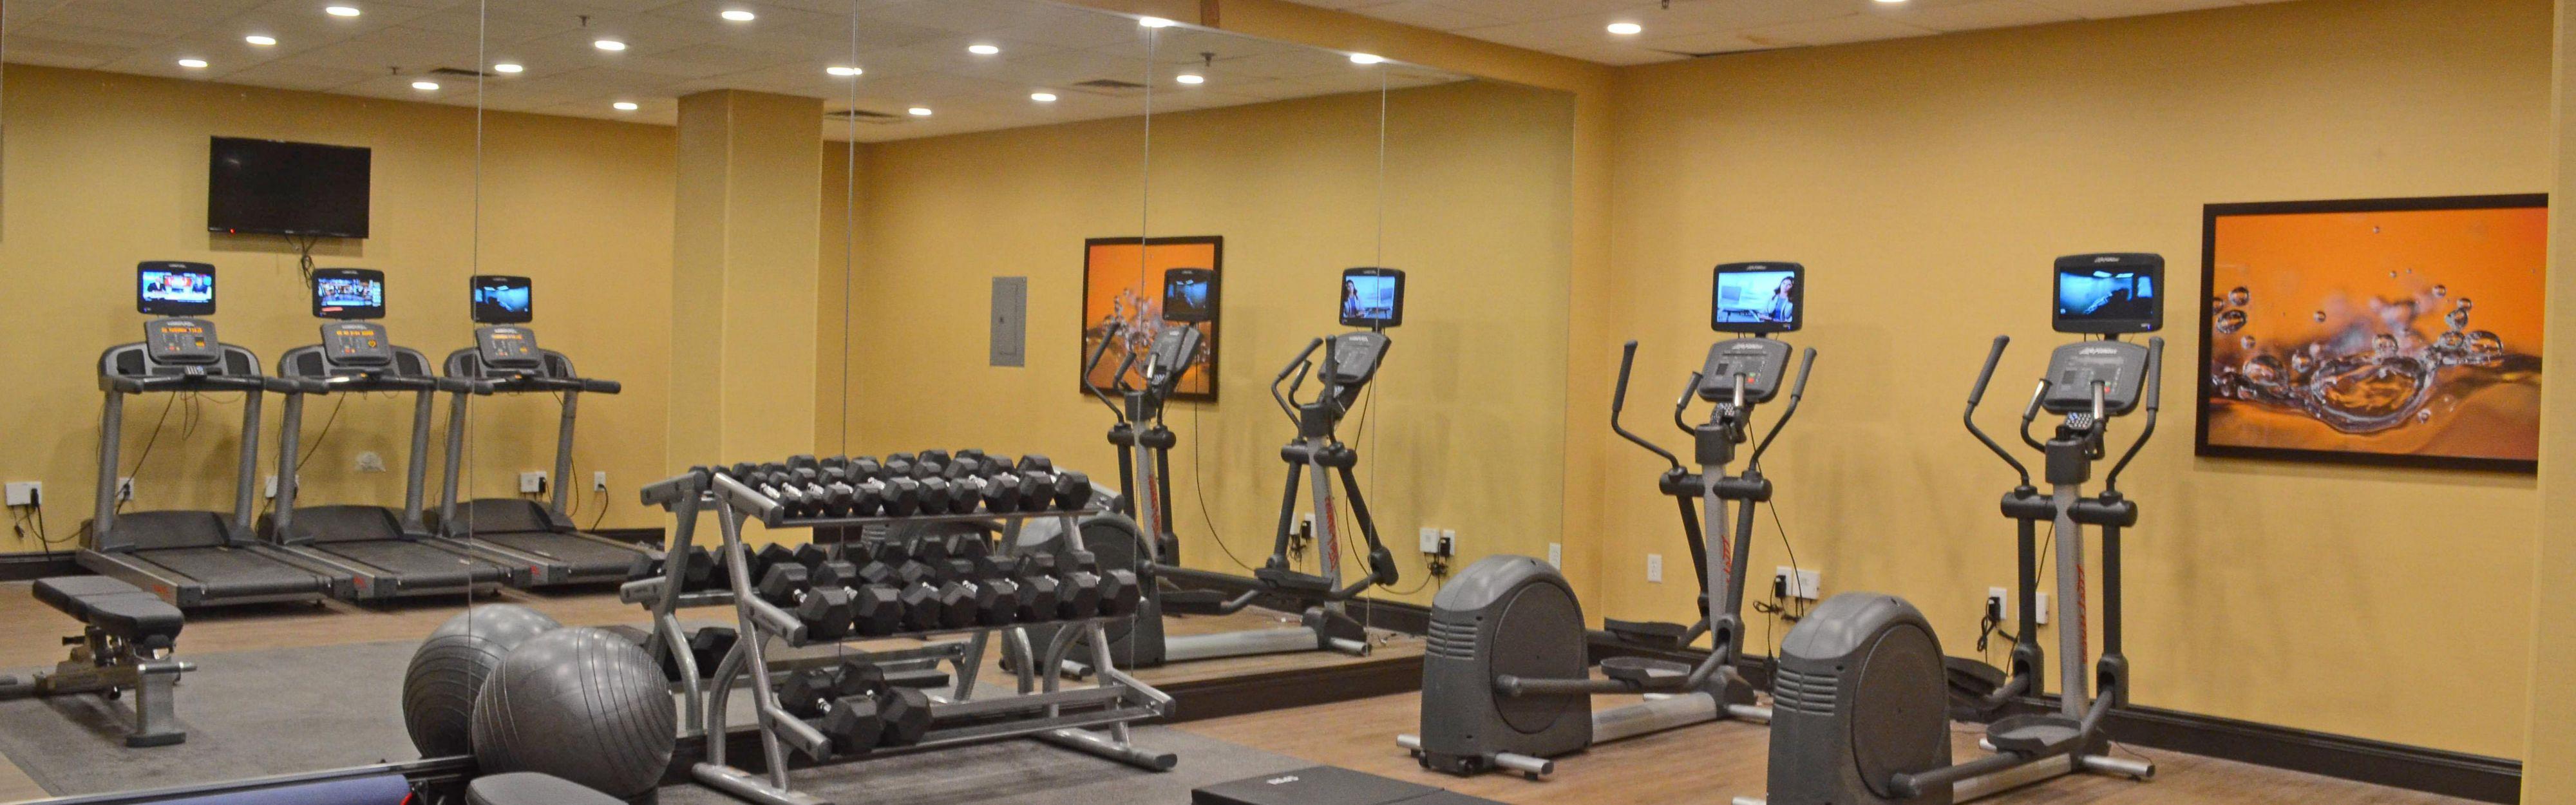 Holiday Inn Little Rock-Presidential-Dwntn image 2